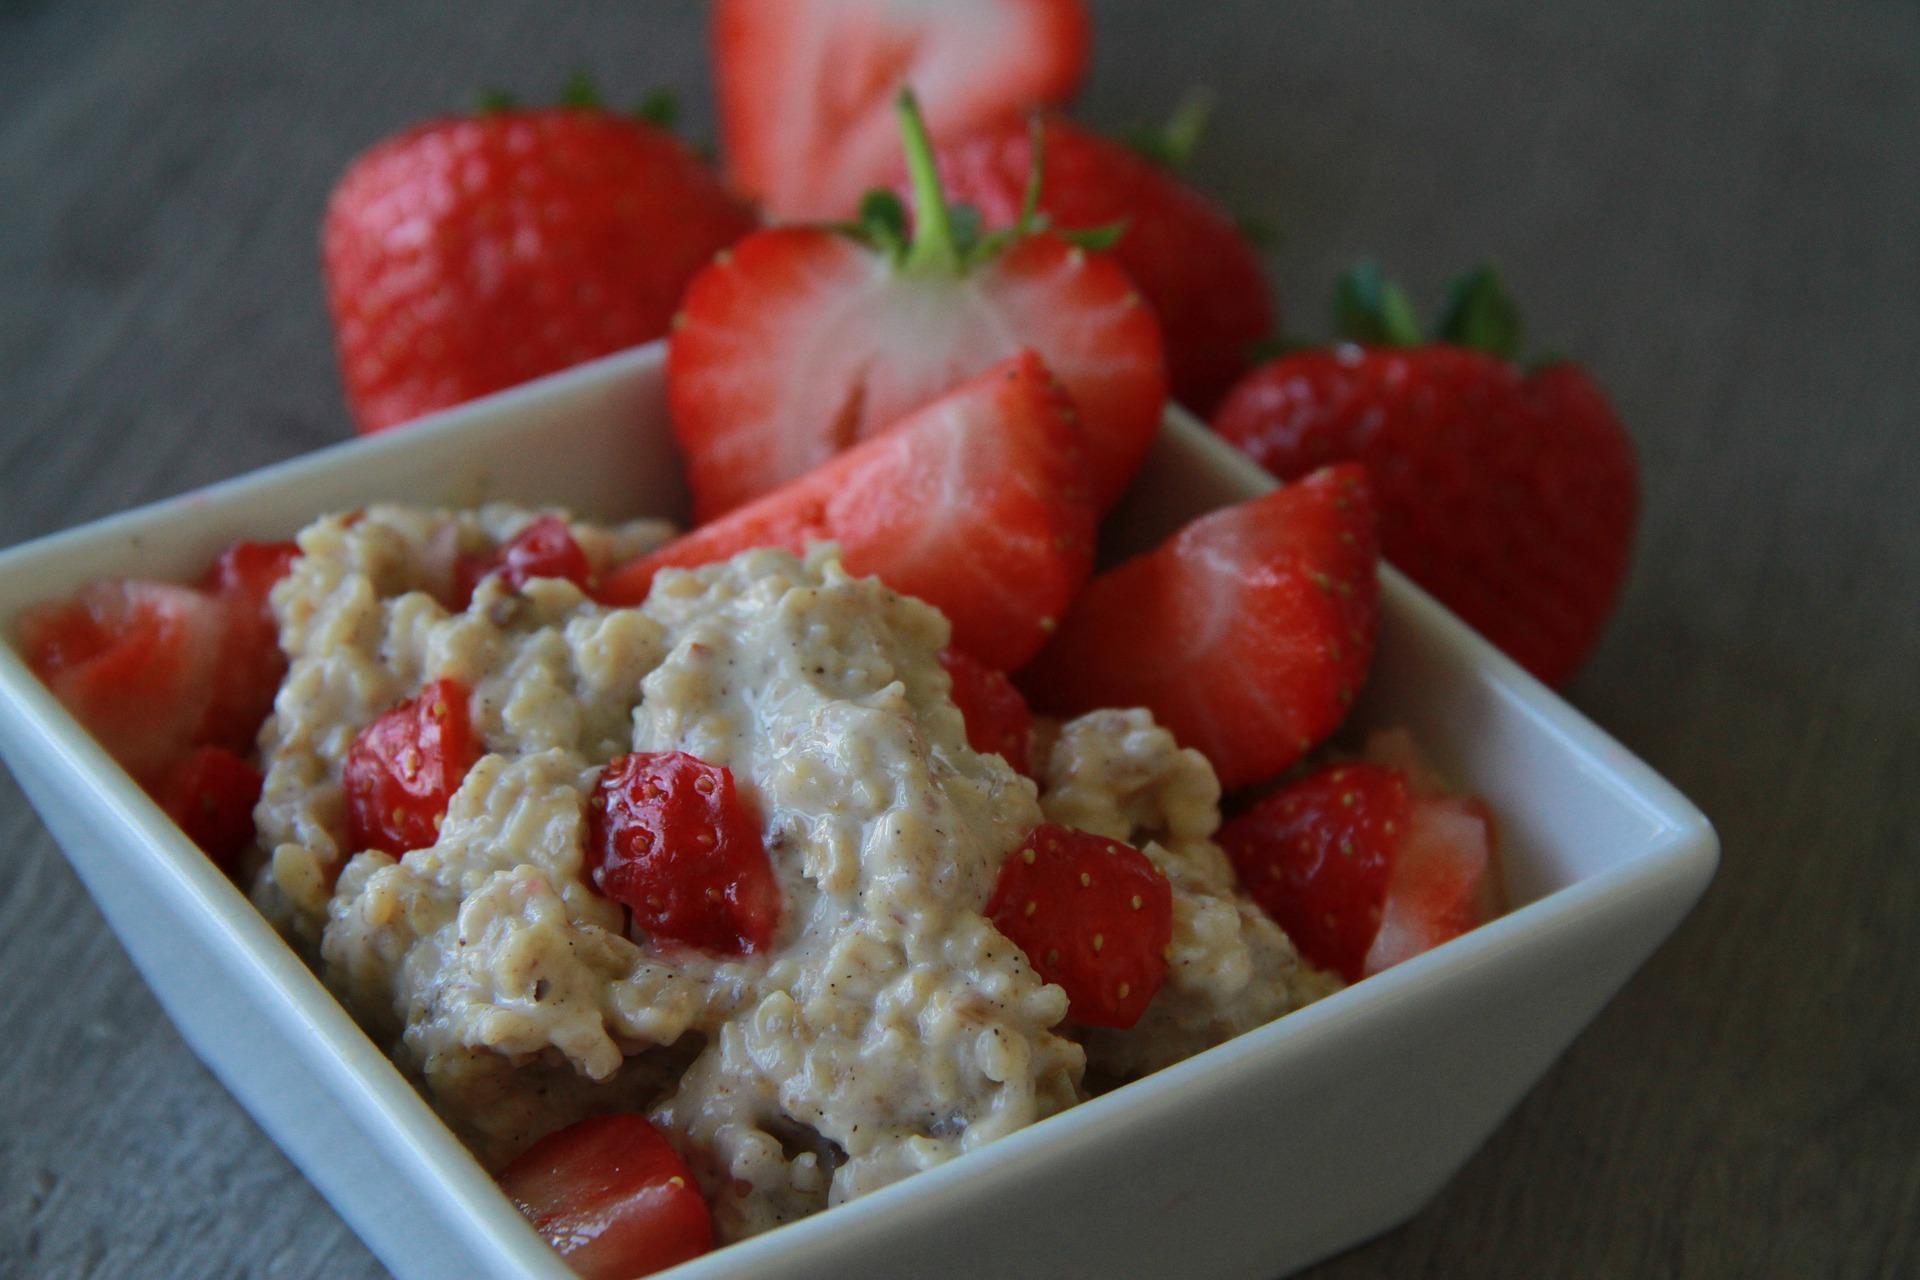 Porridge à la fraise, un des aliments riches en inositol.